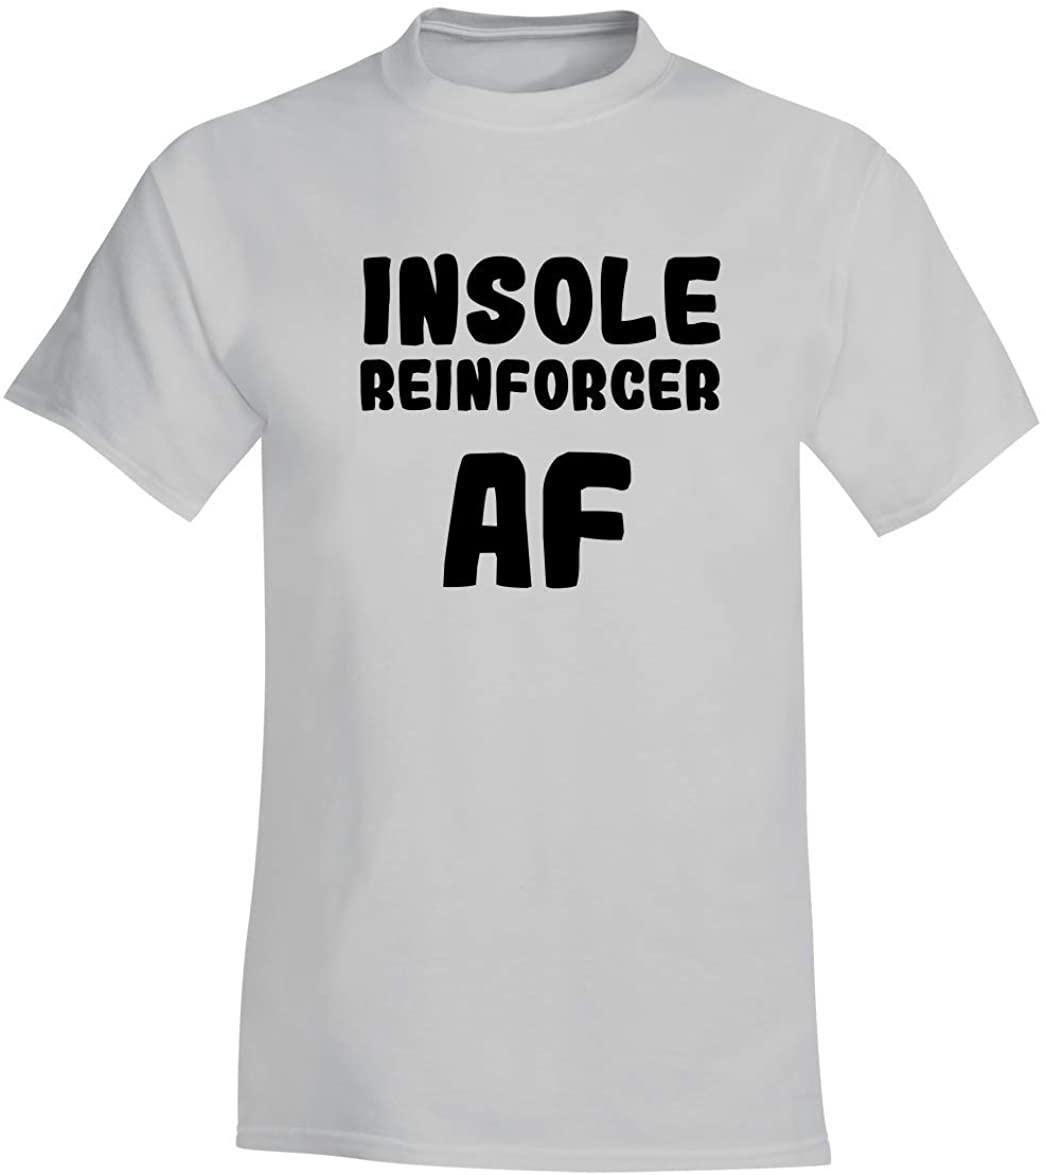 Insole Reinforcer AF - A Soft & Comfortable Men's T-Shirt